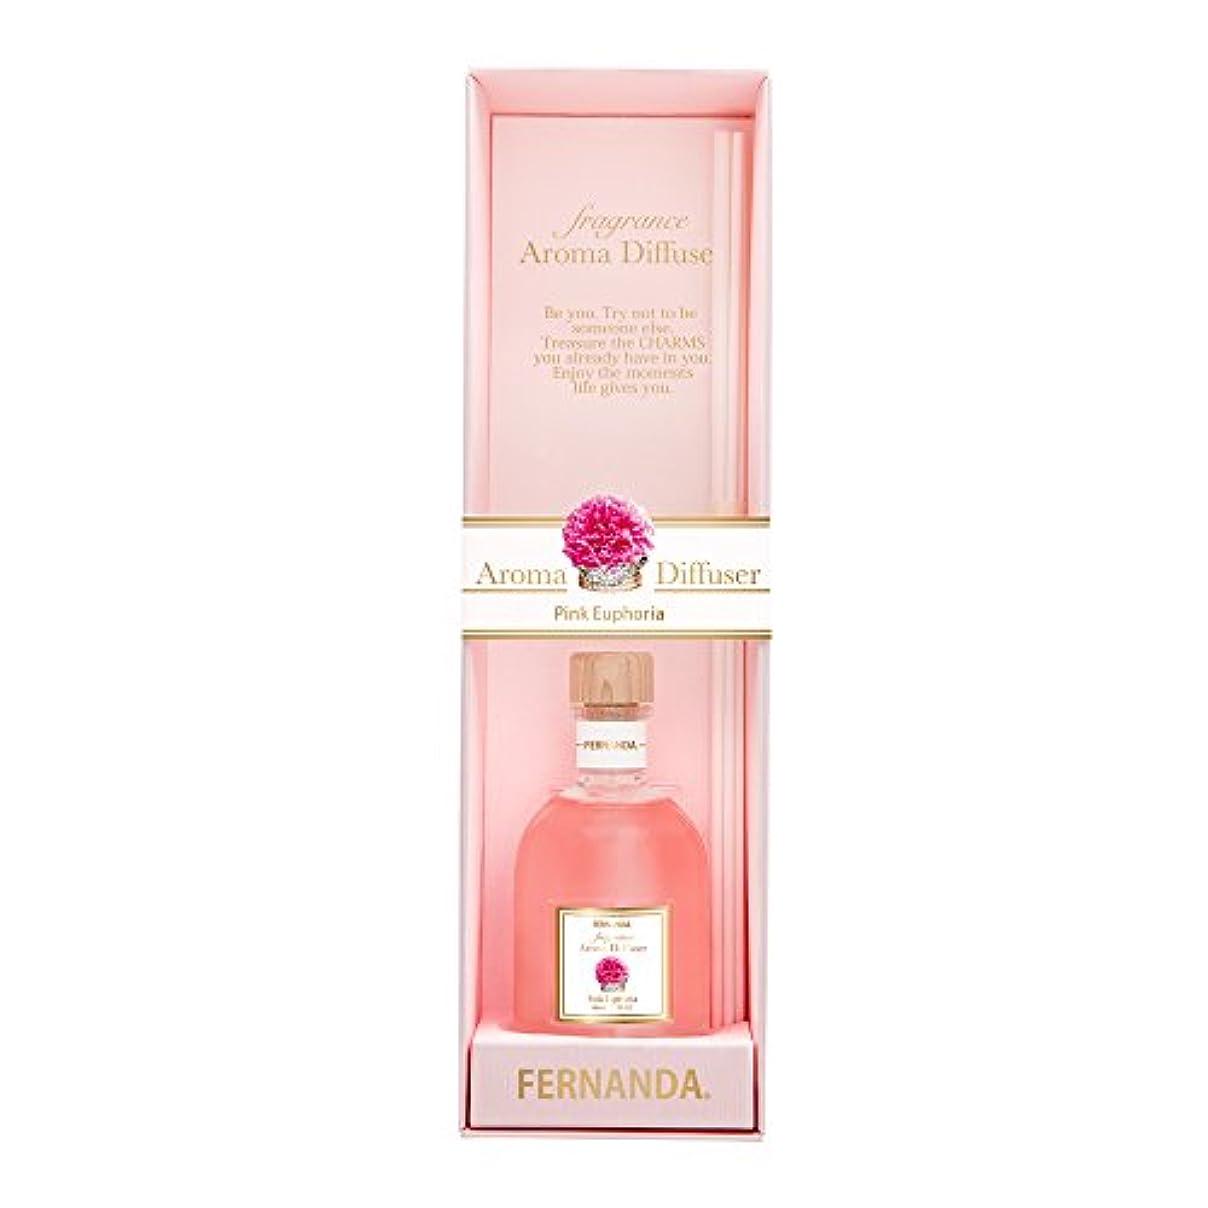 雪課すストリップFERNANDA(フェルナンダ) Fragrance Aroma Diffuser Pink Euphoria (アロマディフューザー ピンクエウフォリア)